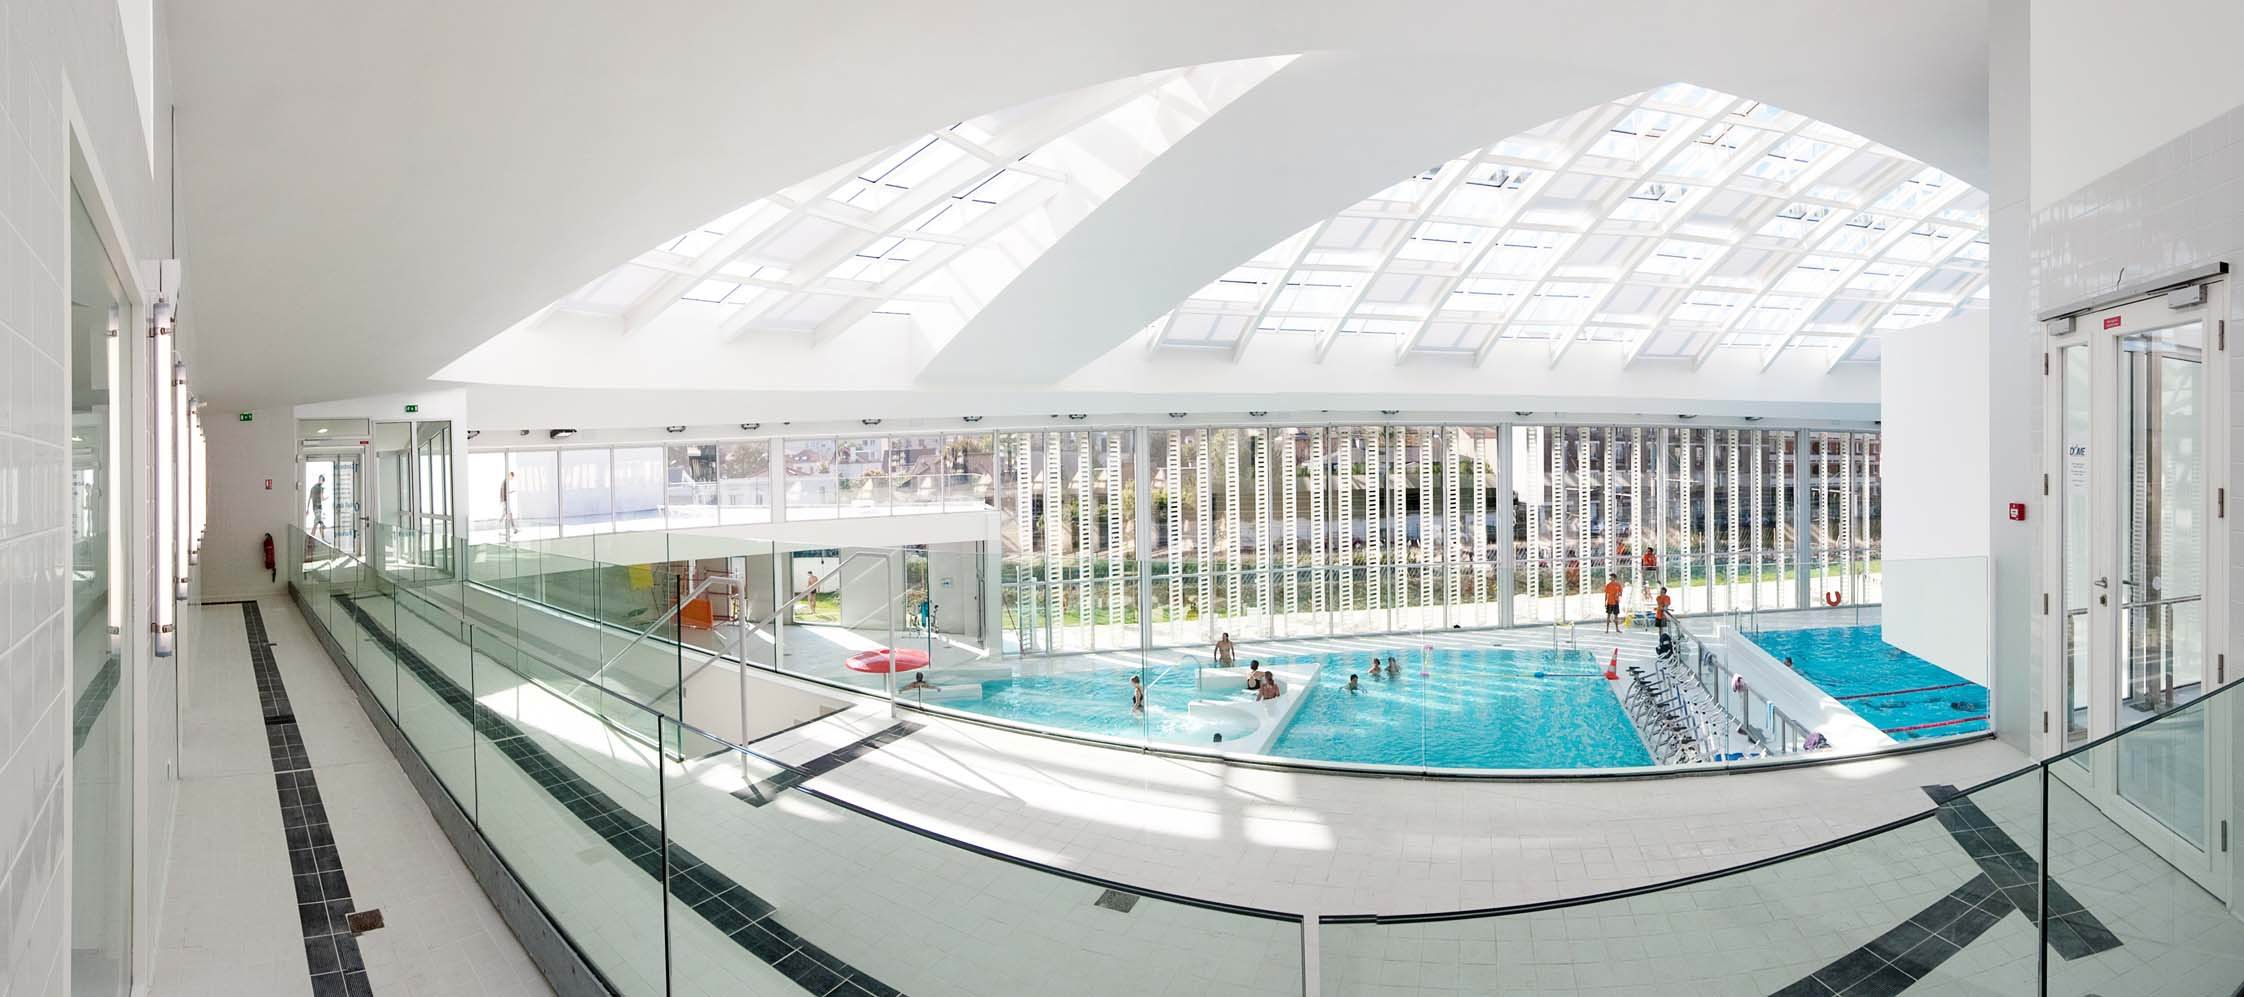 Centre Aquatique Le Dôme, Vincennes (94) | Urbaine De Travaux intérieur Piscine Dome Vincennes